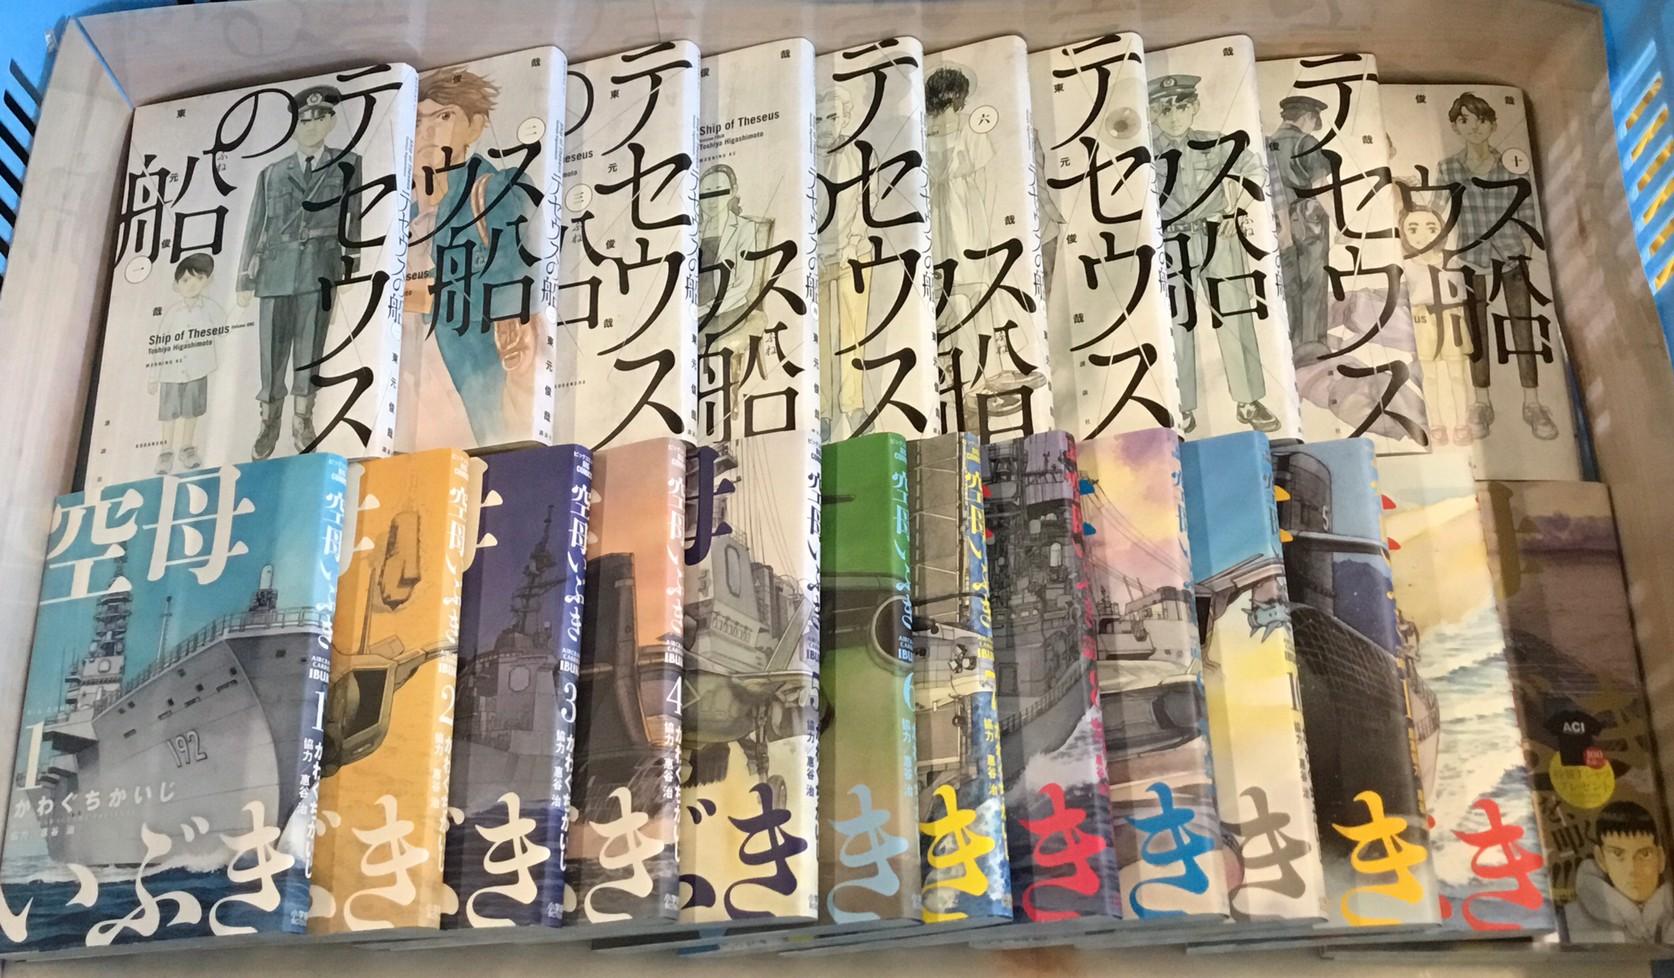 13 空母 巻 いぶき 尖閣諸島を巡る戦闘を描く『空母いぶき』完結巻13集&新シリーズ『空母いぶき GREAT